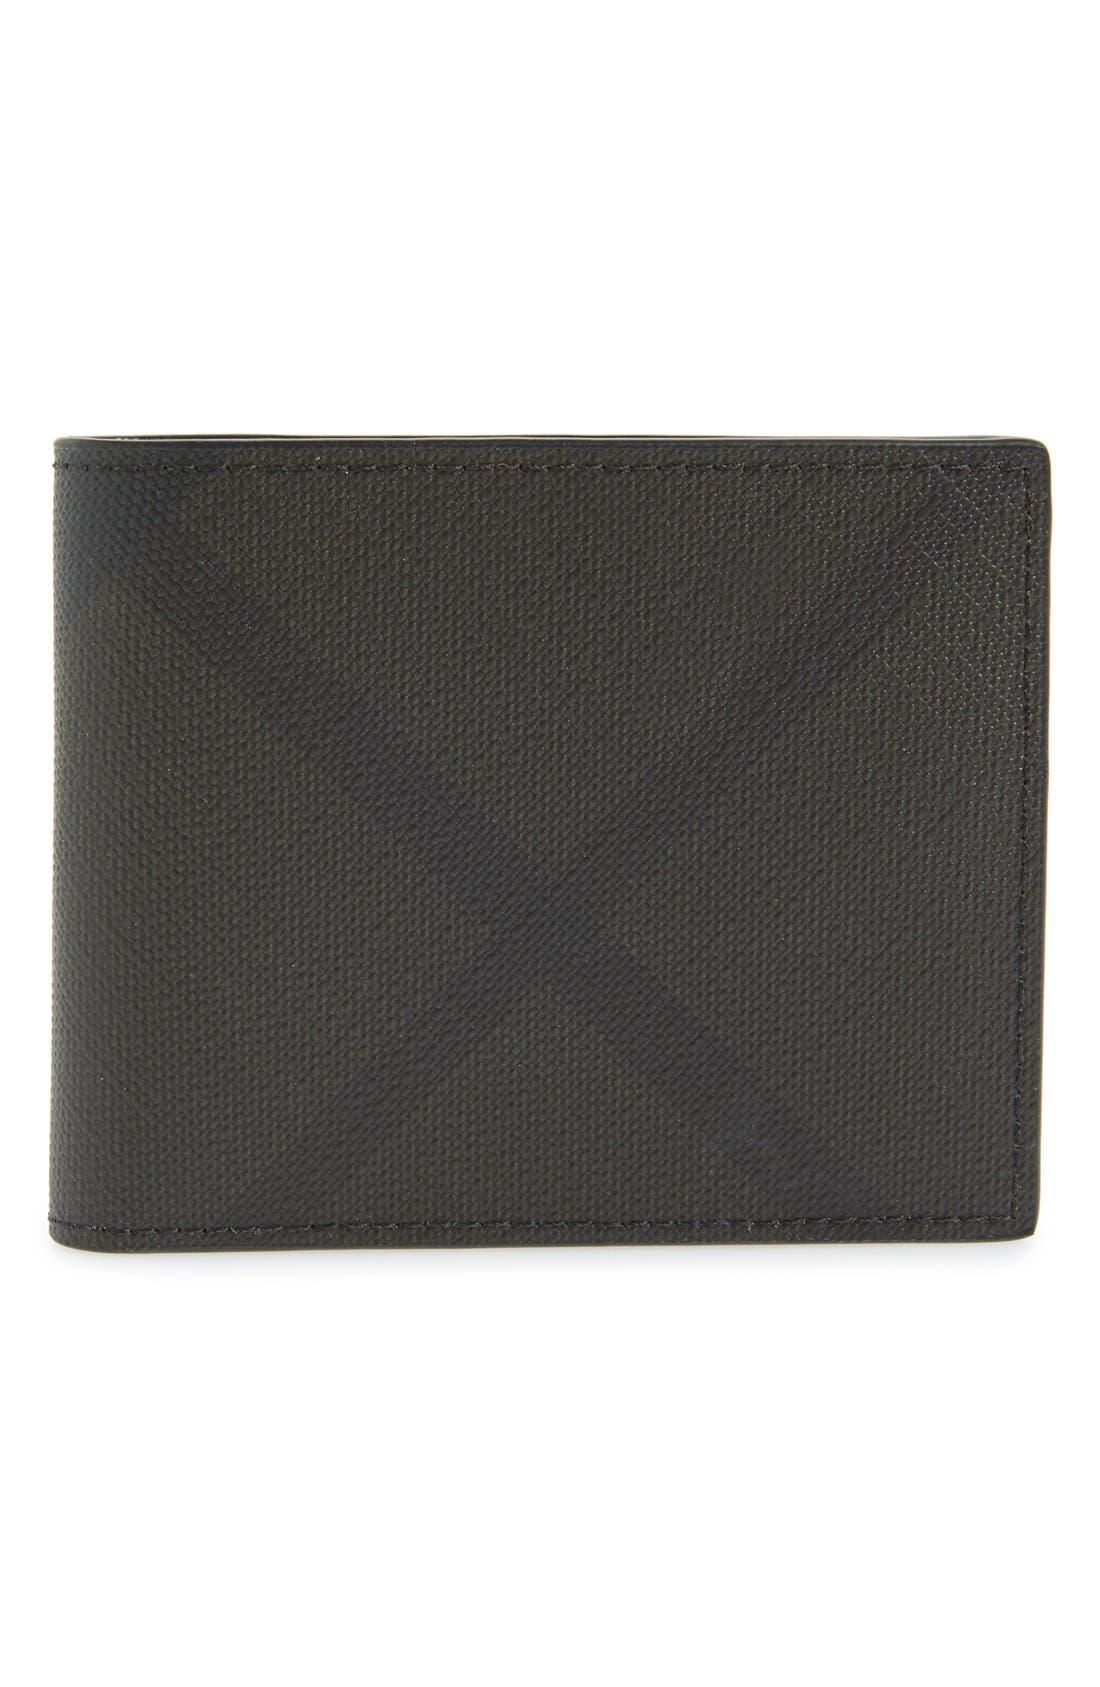 Check Wallet,                         Main,                         color, 207